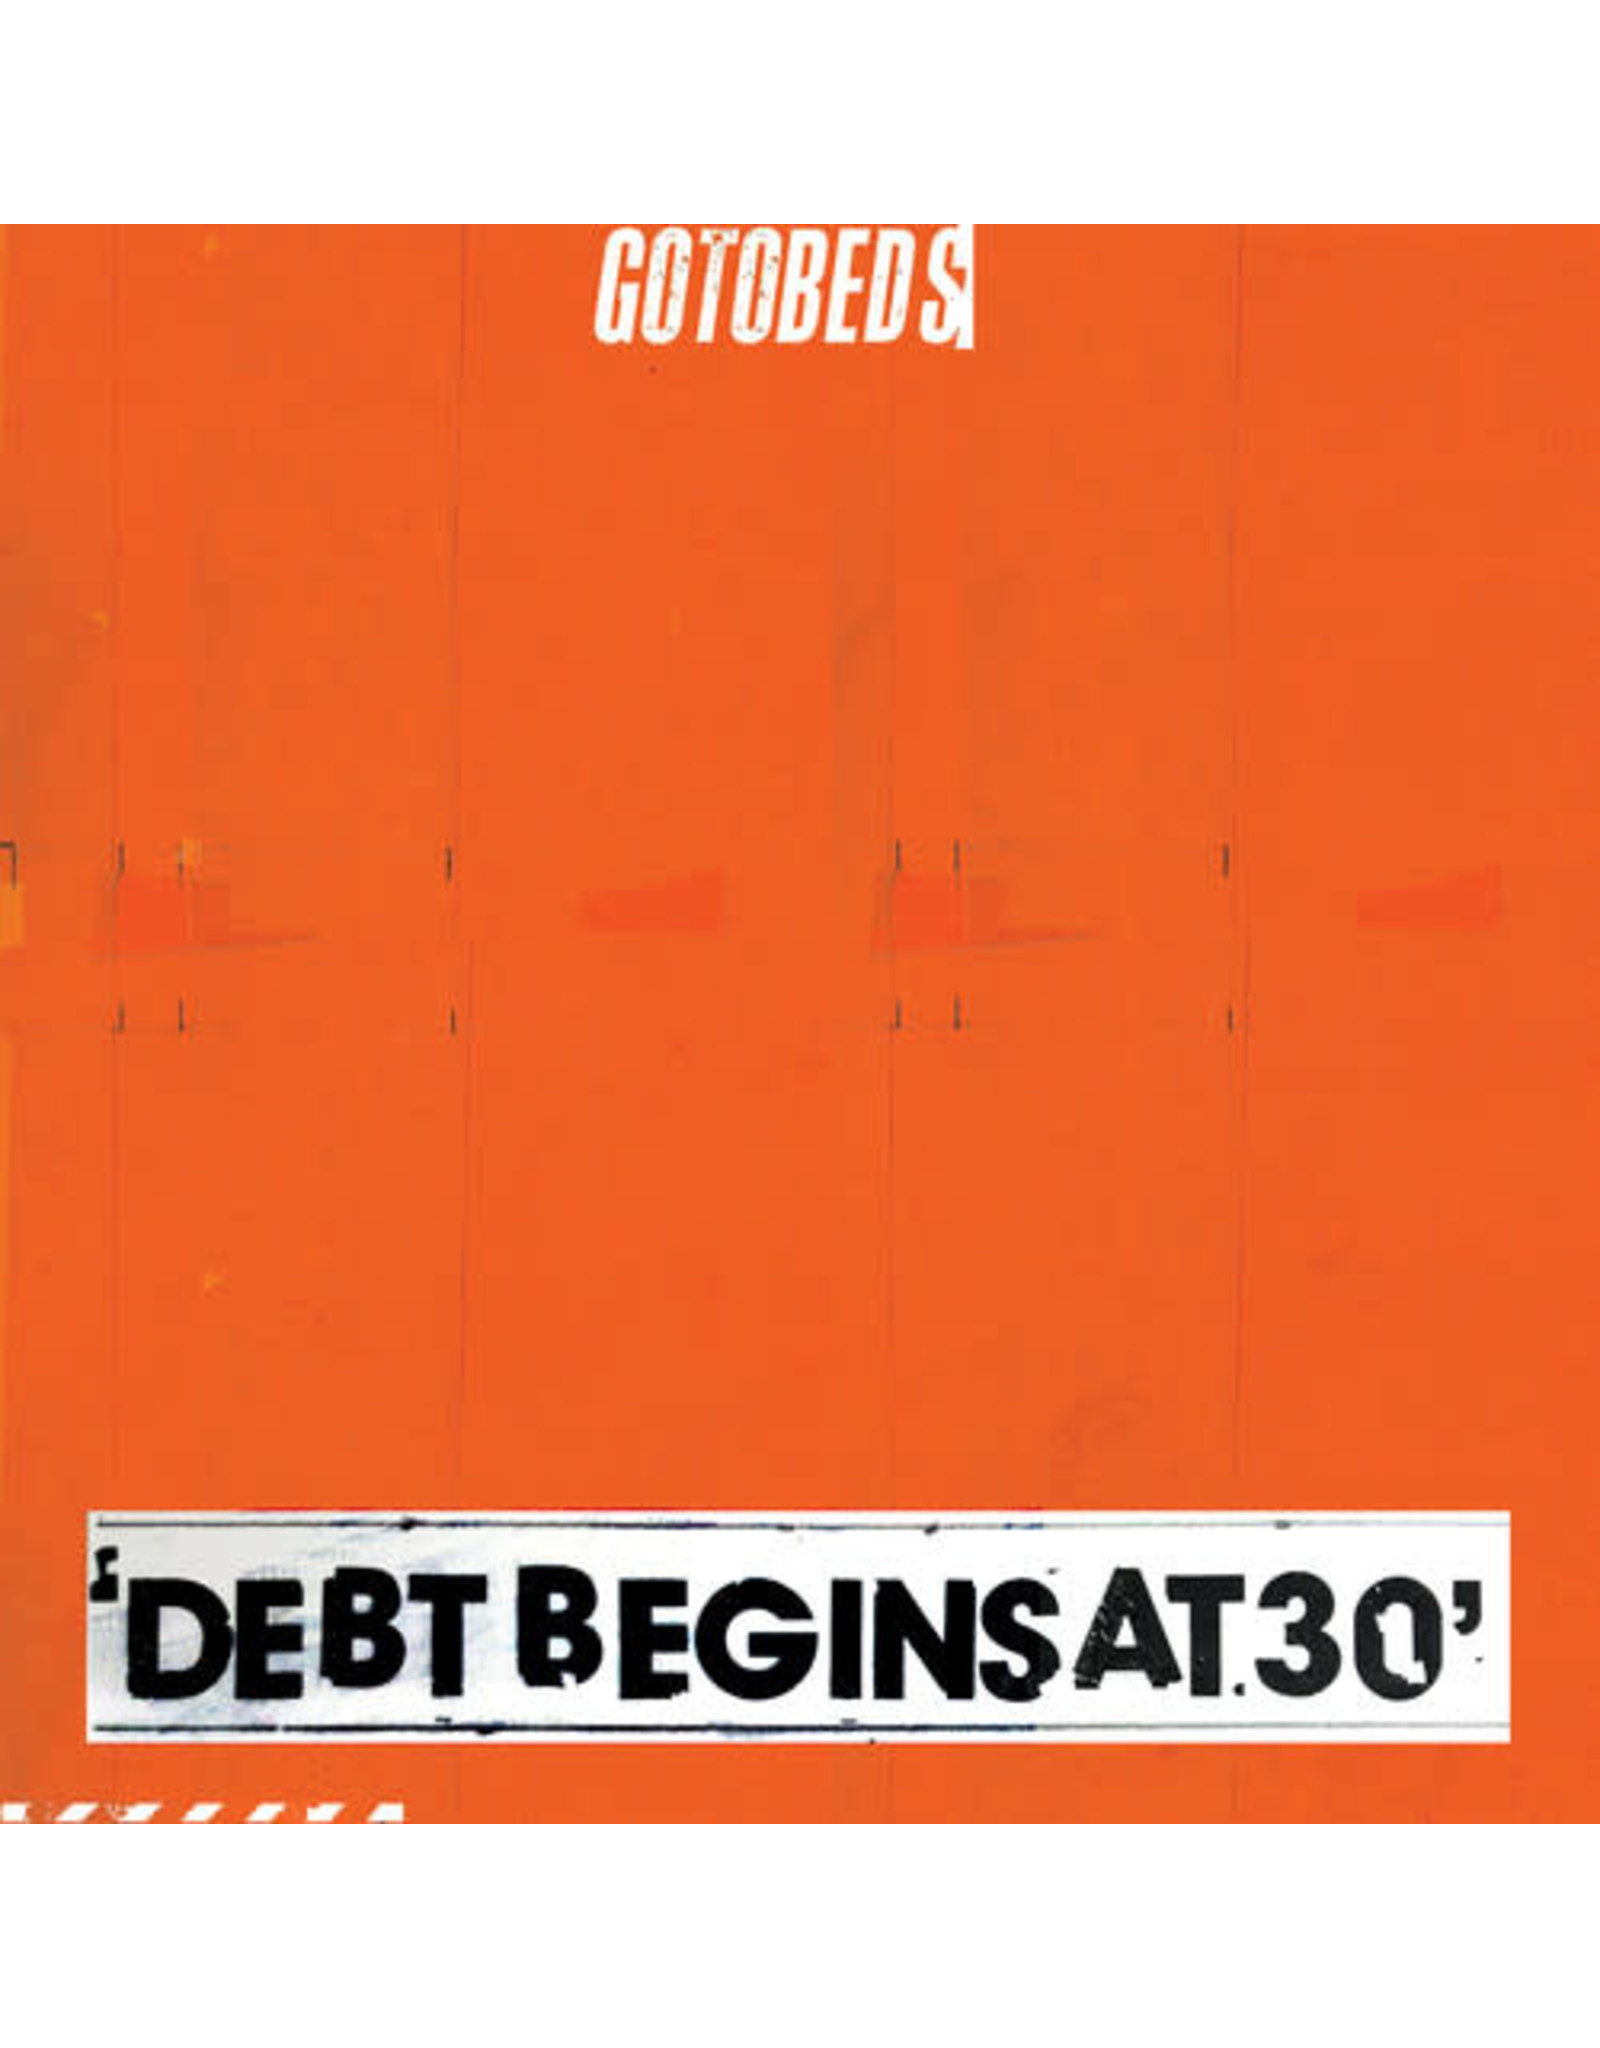 Gotobeds - Debt Begins At 30 CD